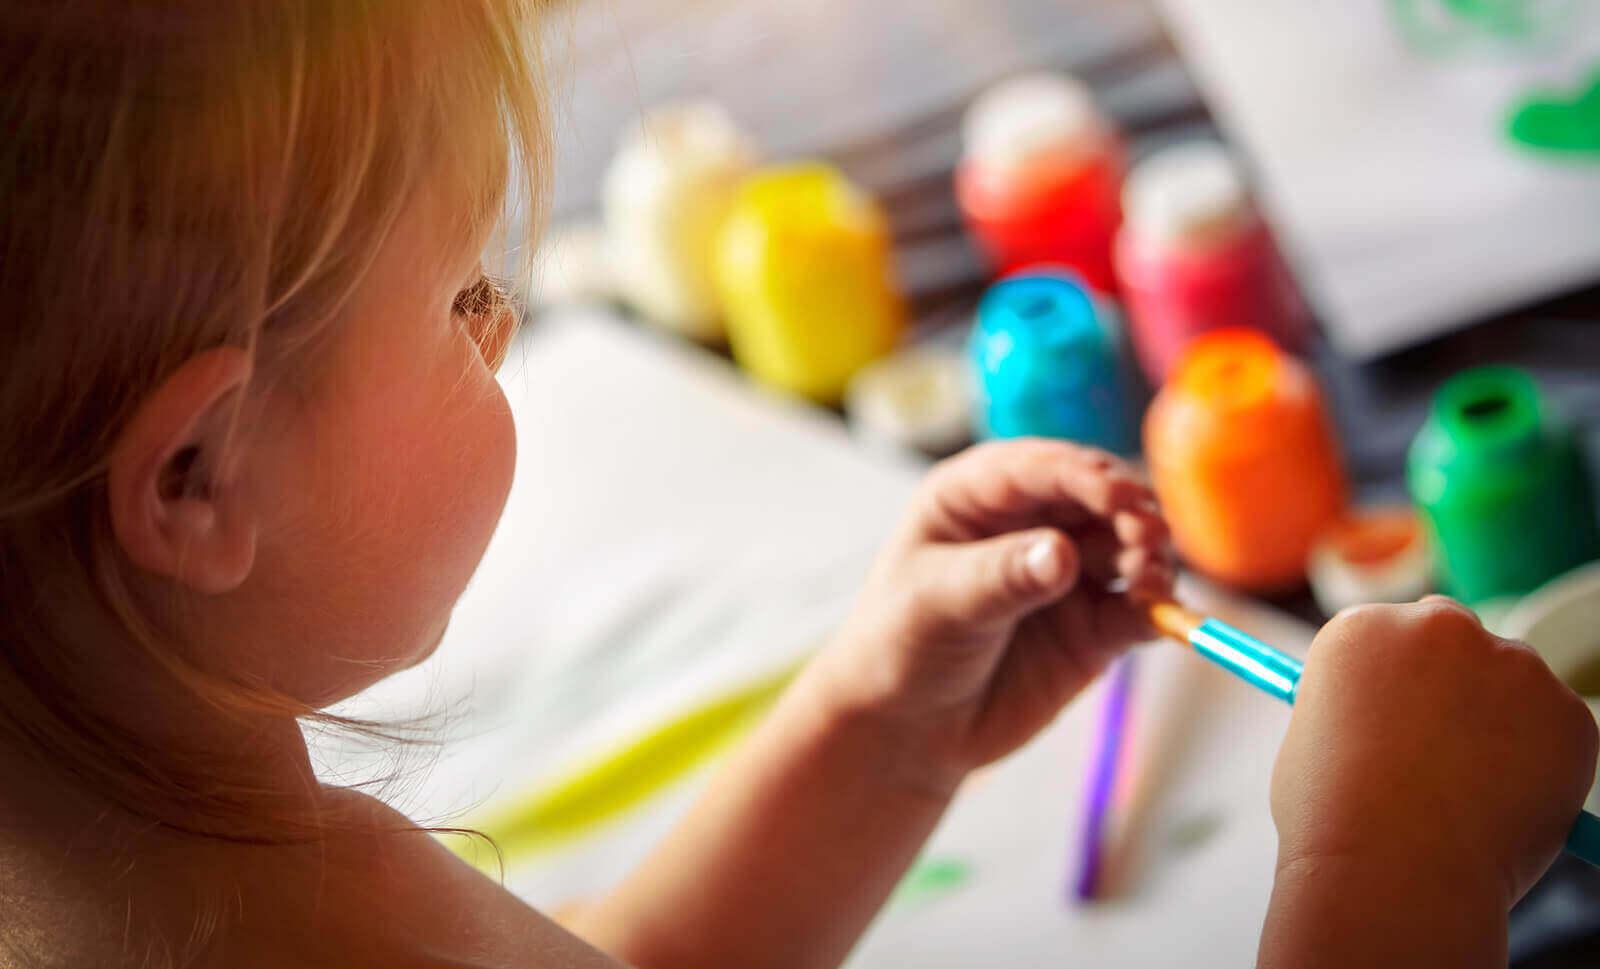 Utviklingen av grafisk uttrykk hos barn